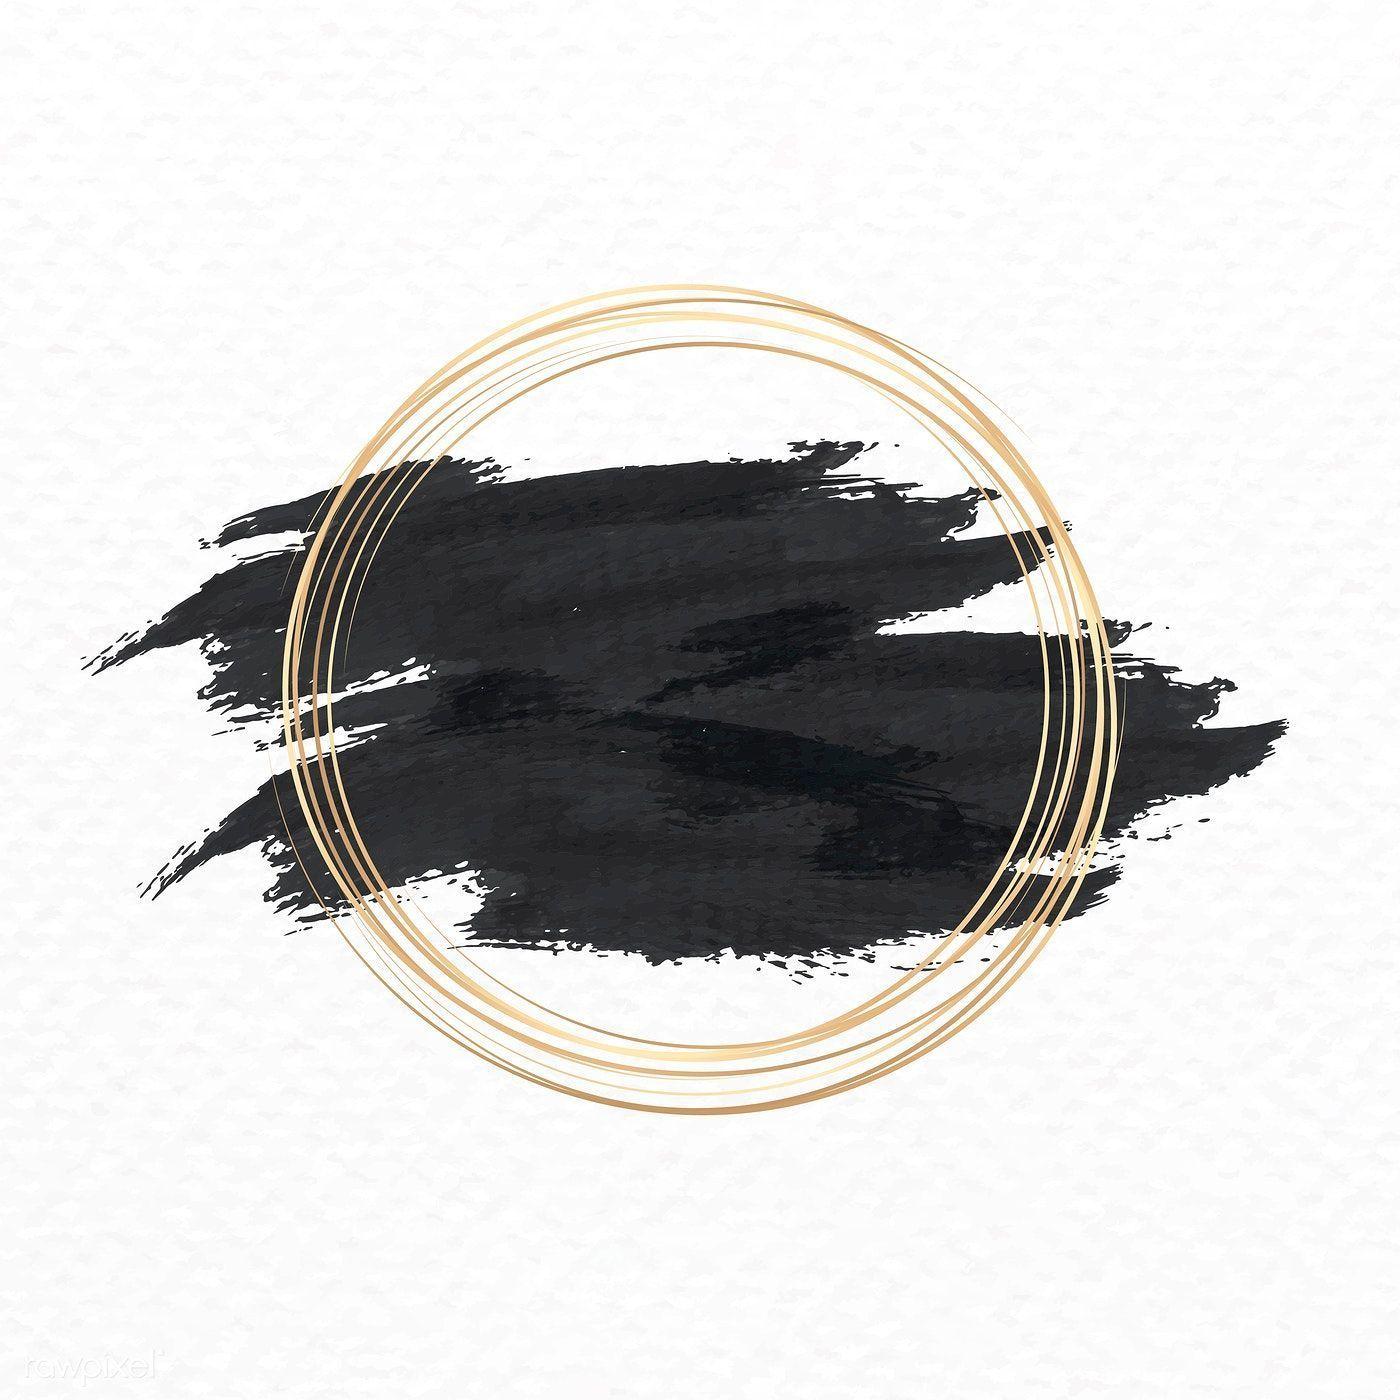 Laden Sie Die Kostenlose Vektorgold Krei Die Kostenlose Krei Laden Sie Vektorgold Sfondi Floreali Icone Di Instagram Grafici